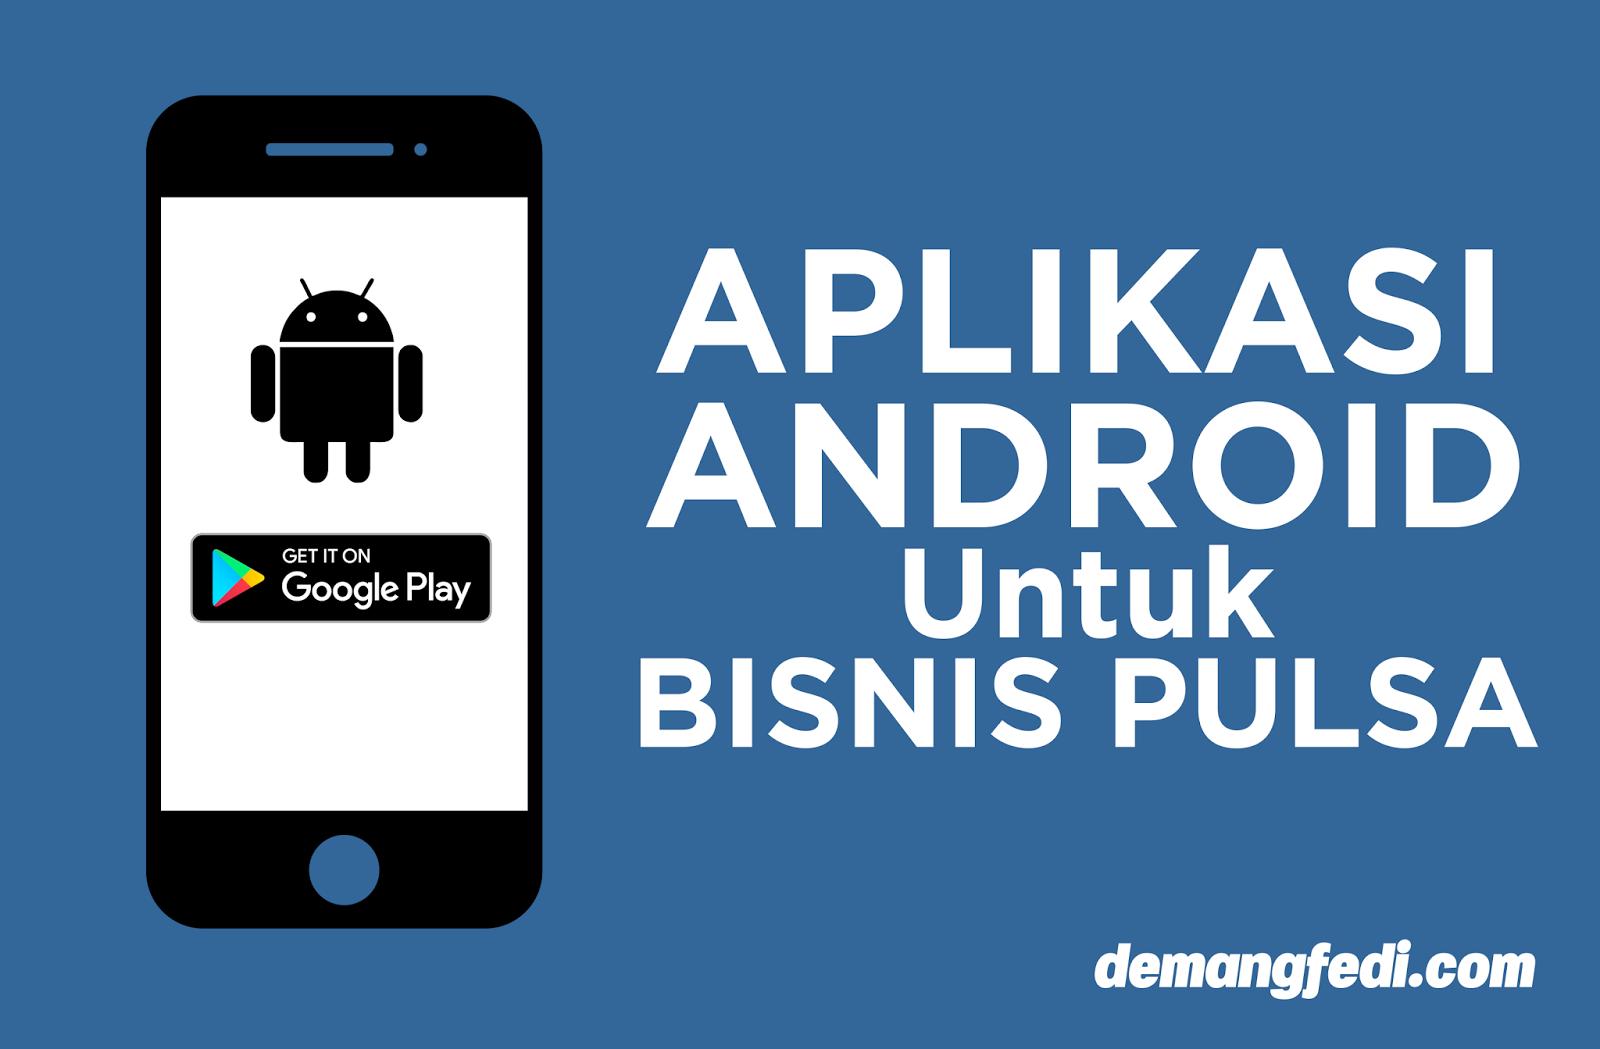 Aplikasi Android Untuk Bisnis Pulsa